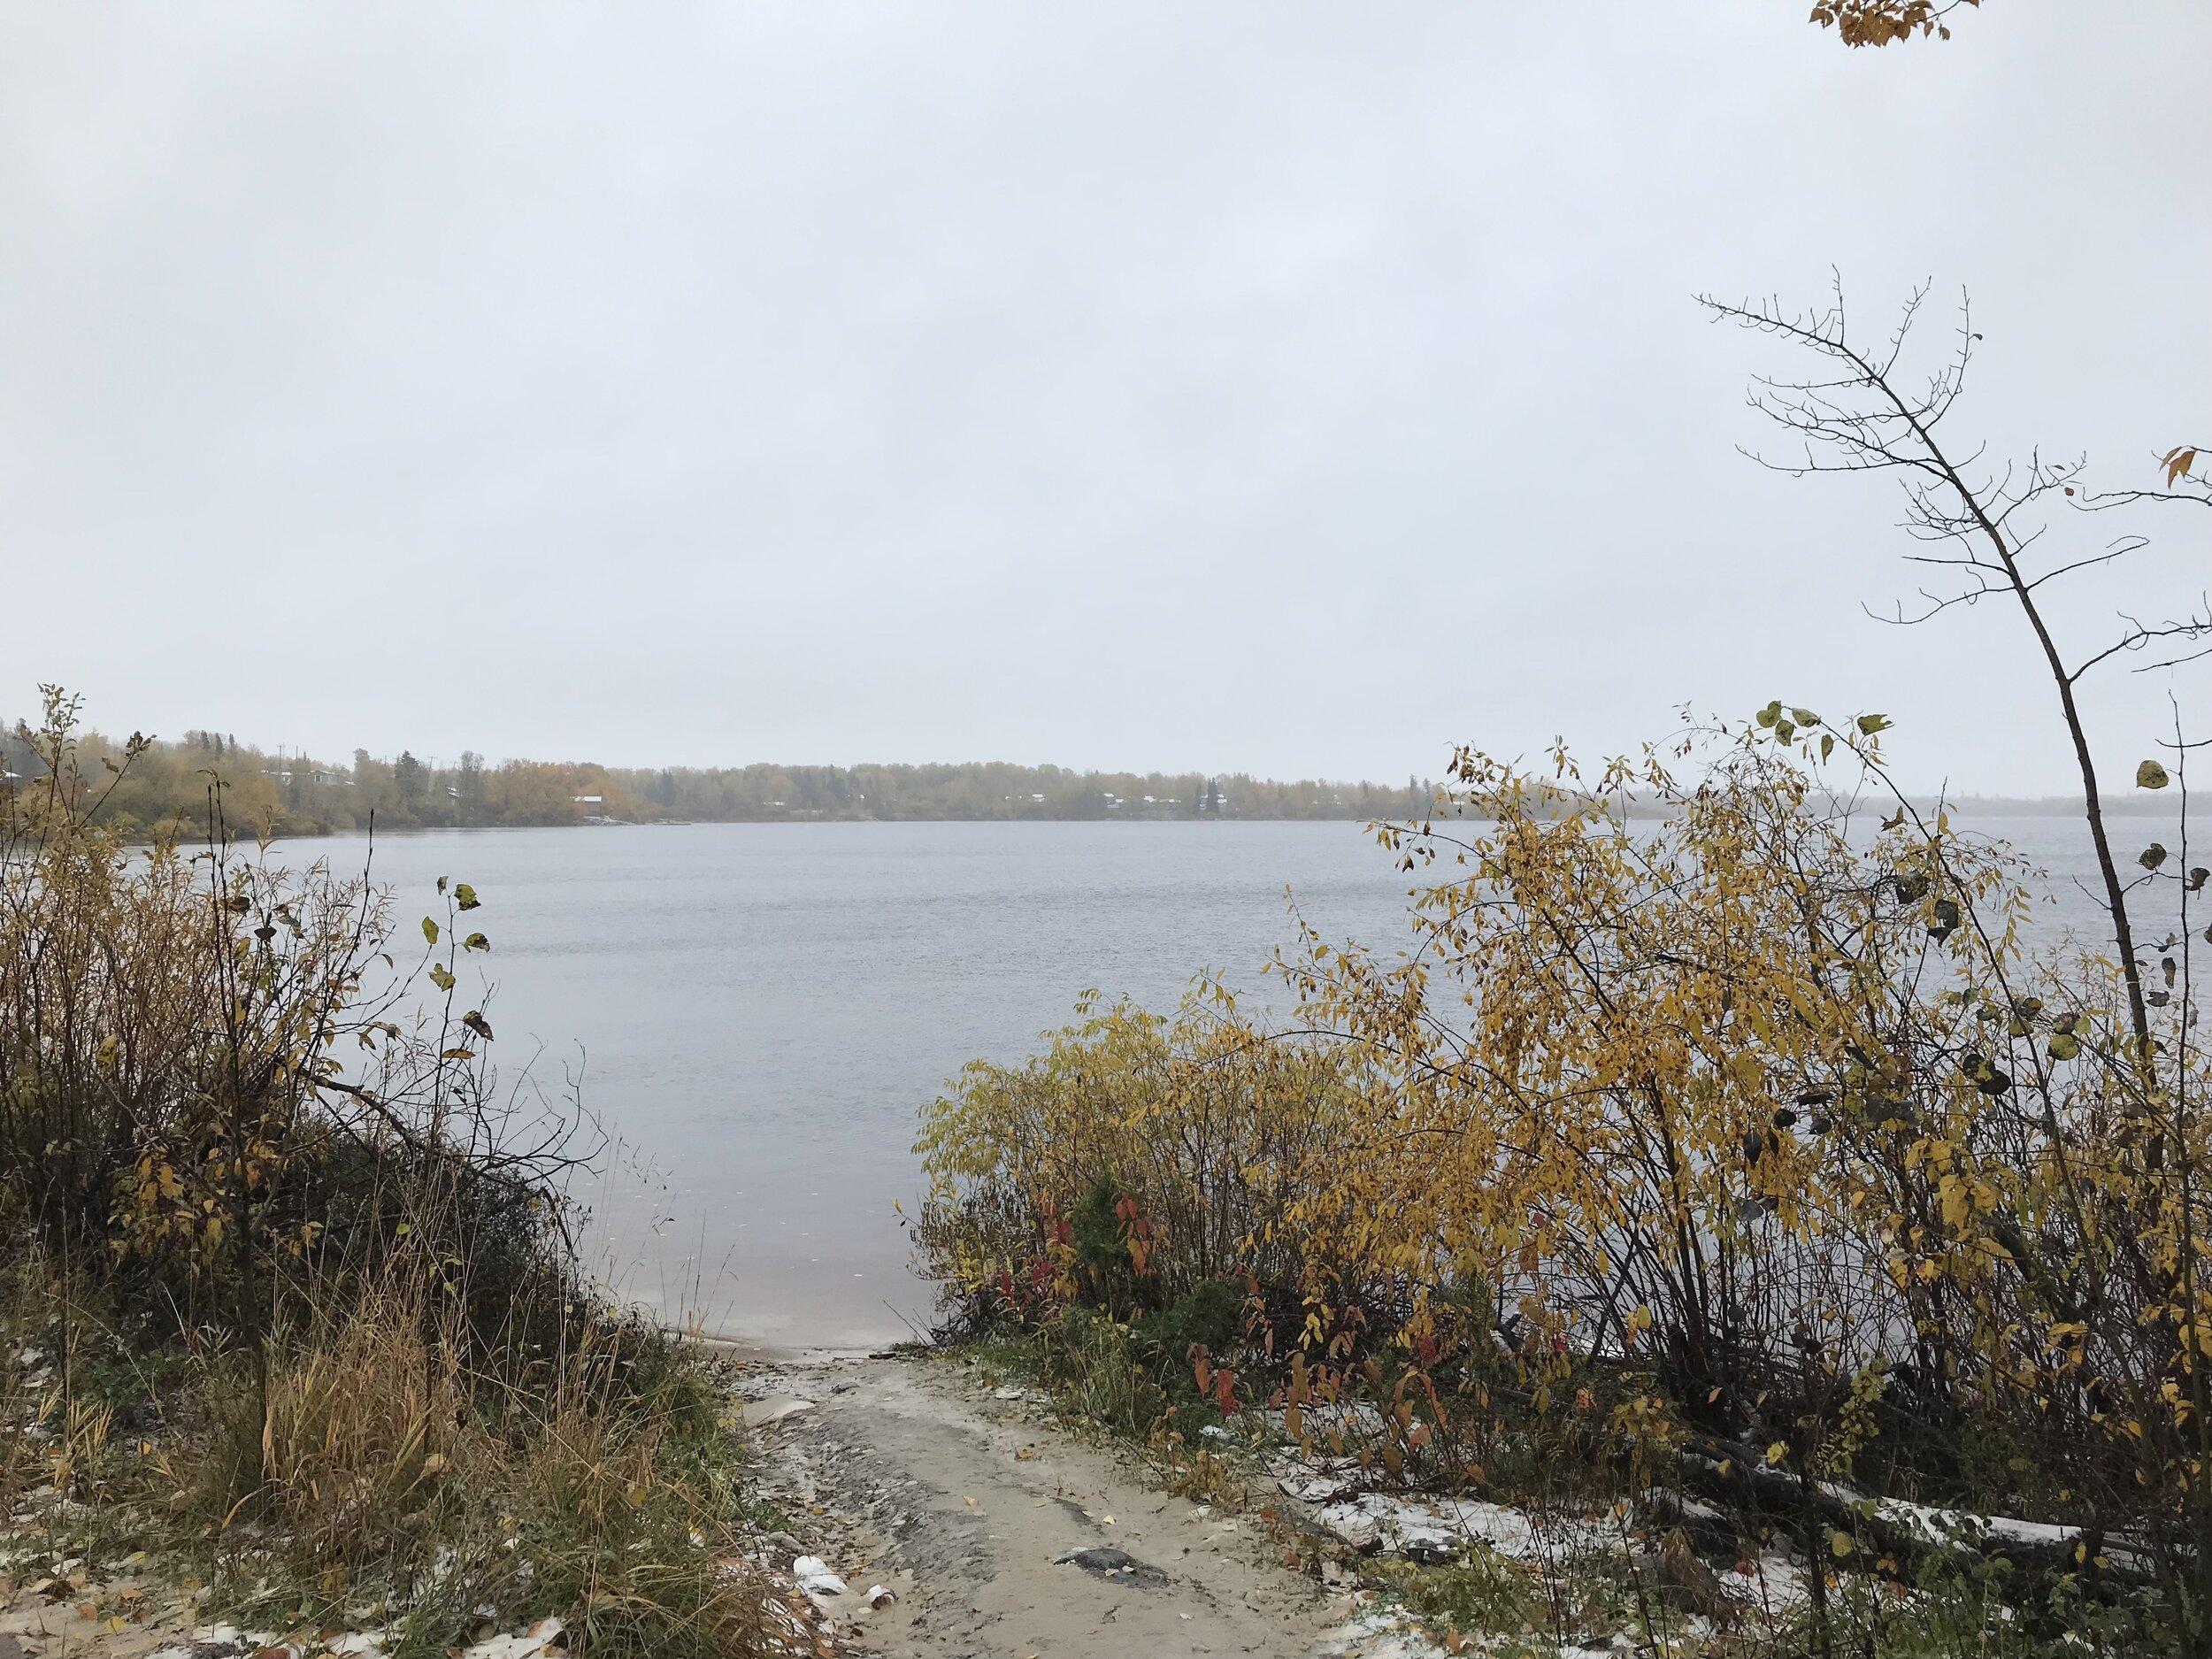 Pikangikum Lake